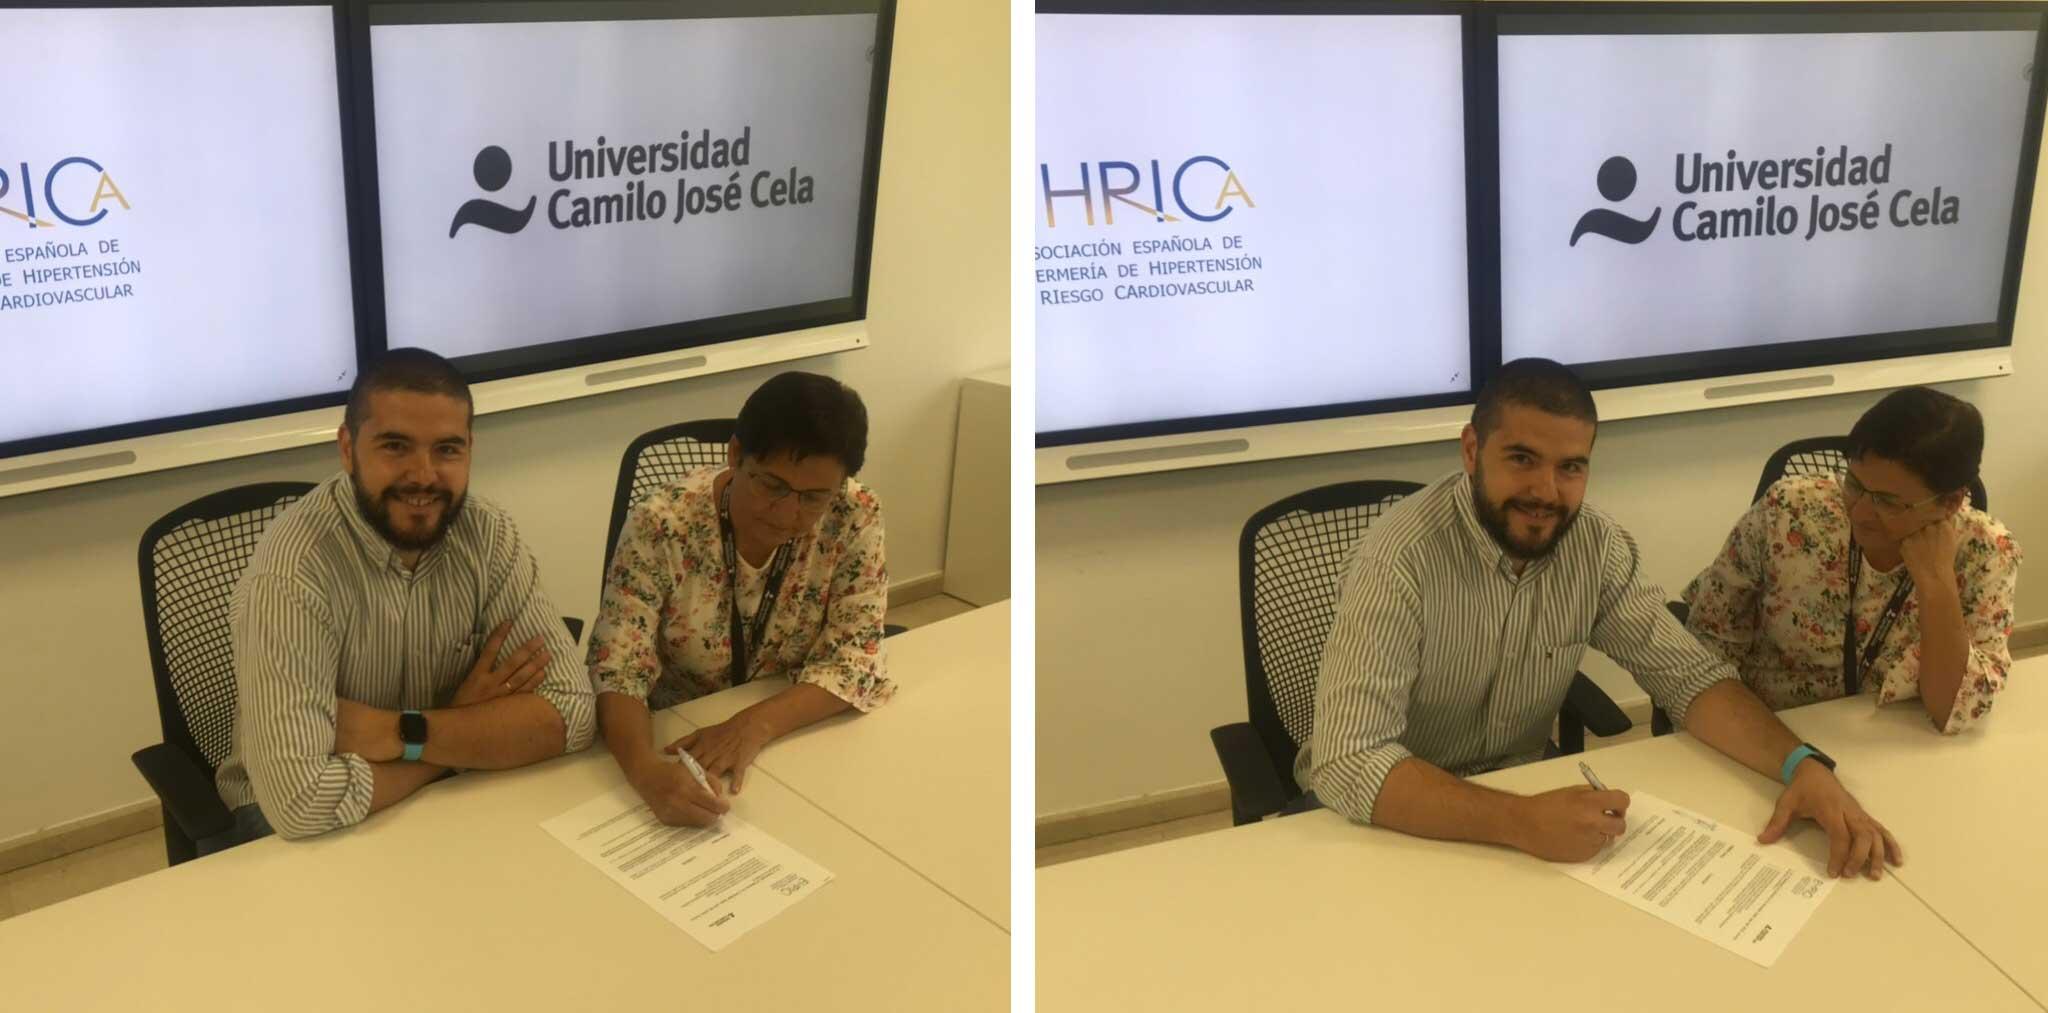 firma del convenio entre ehrica y la ucjc